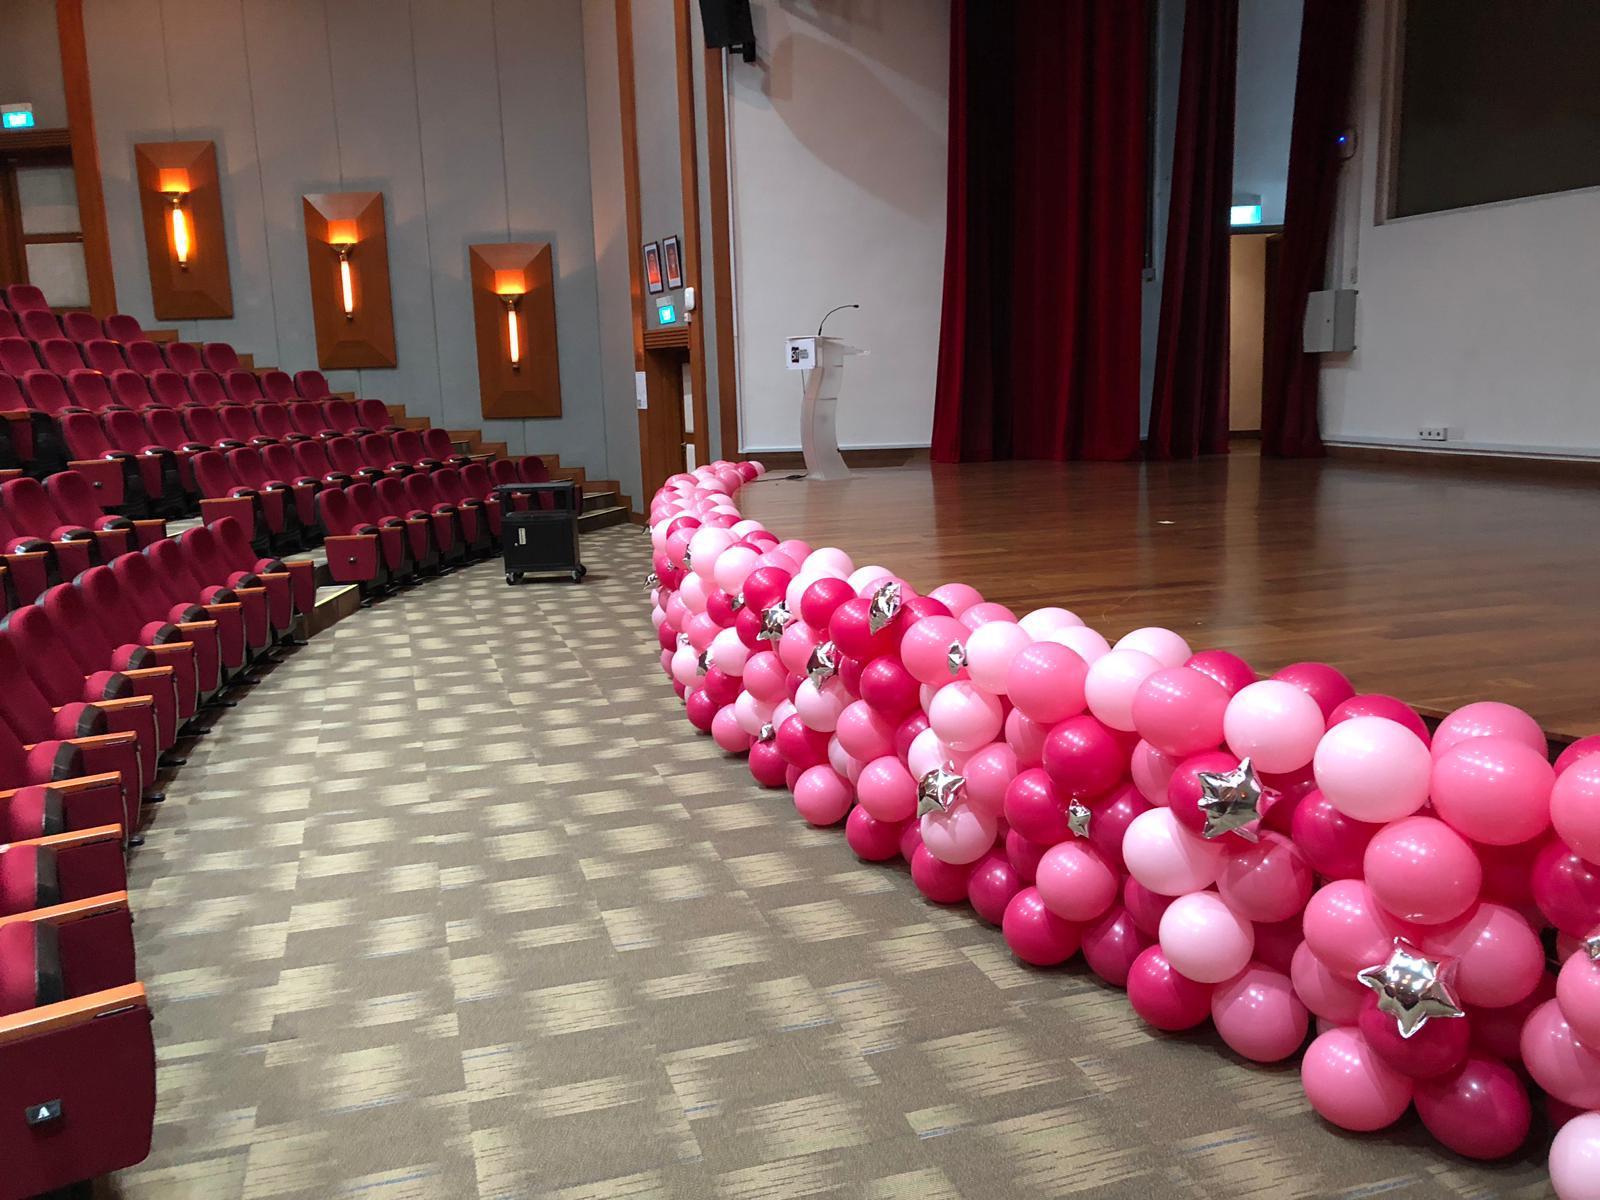 Singapore Premium Balloon Services That Balloons